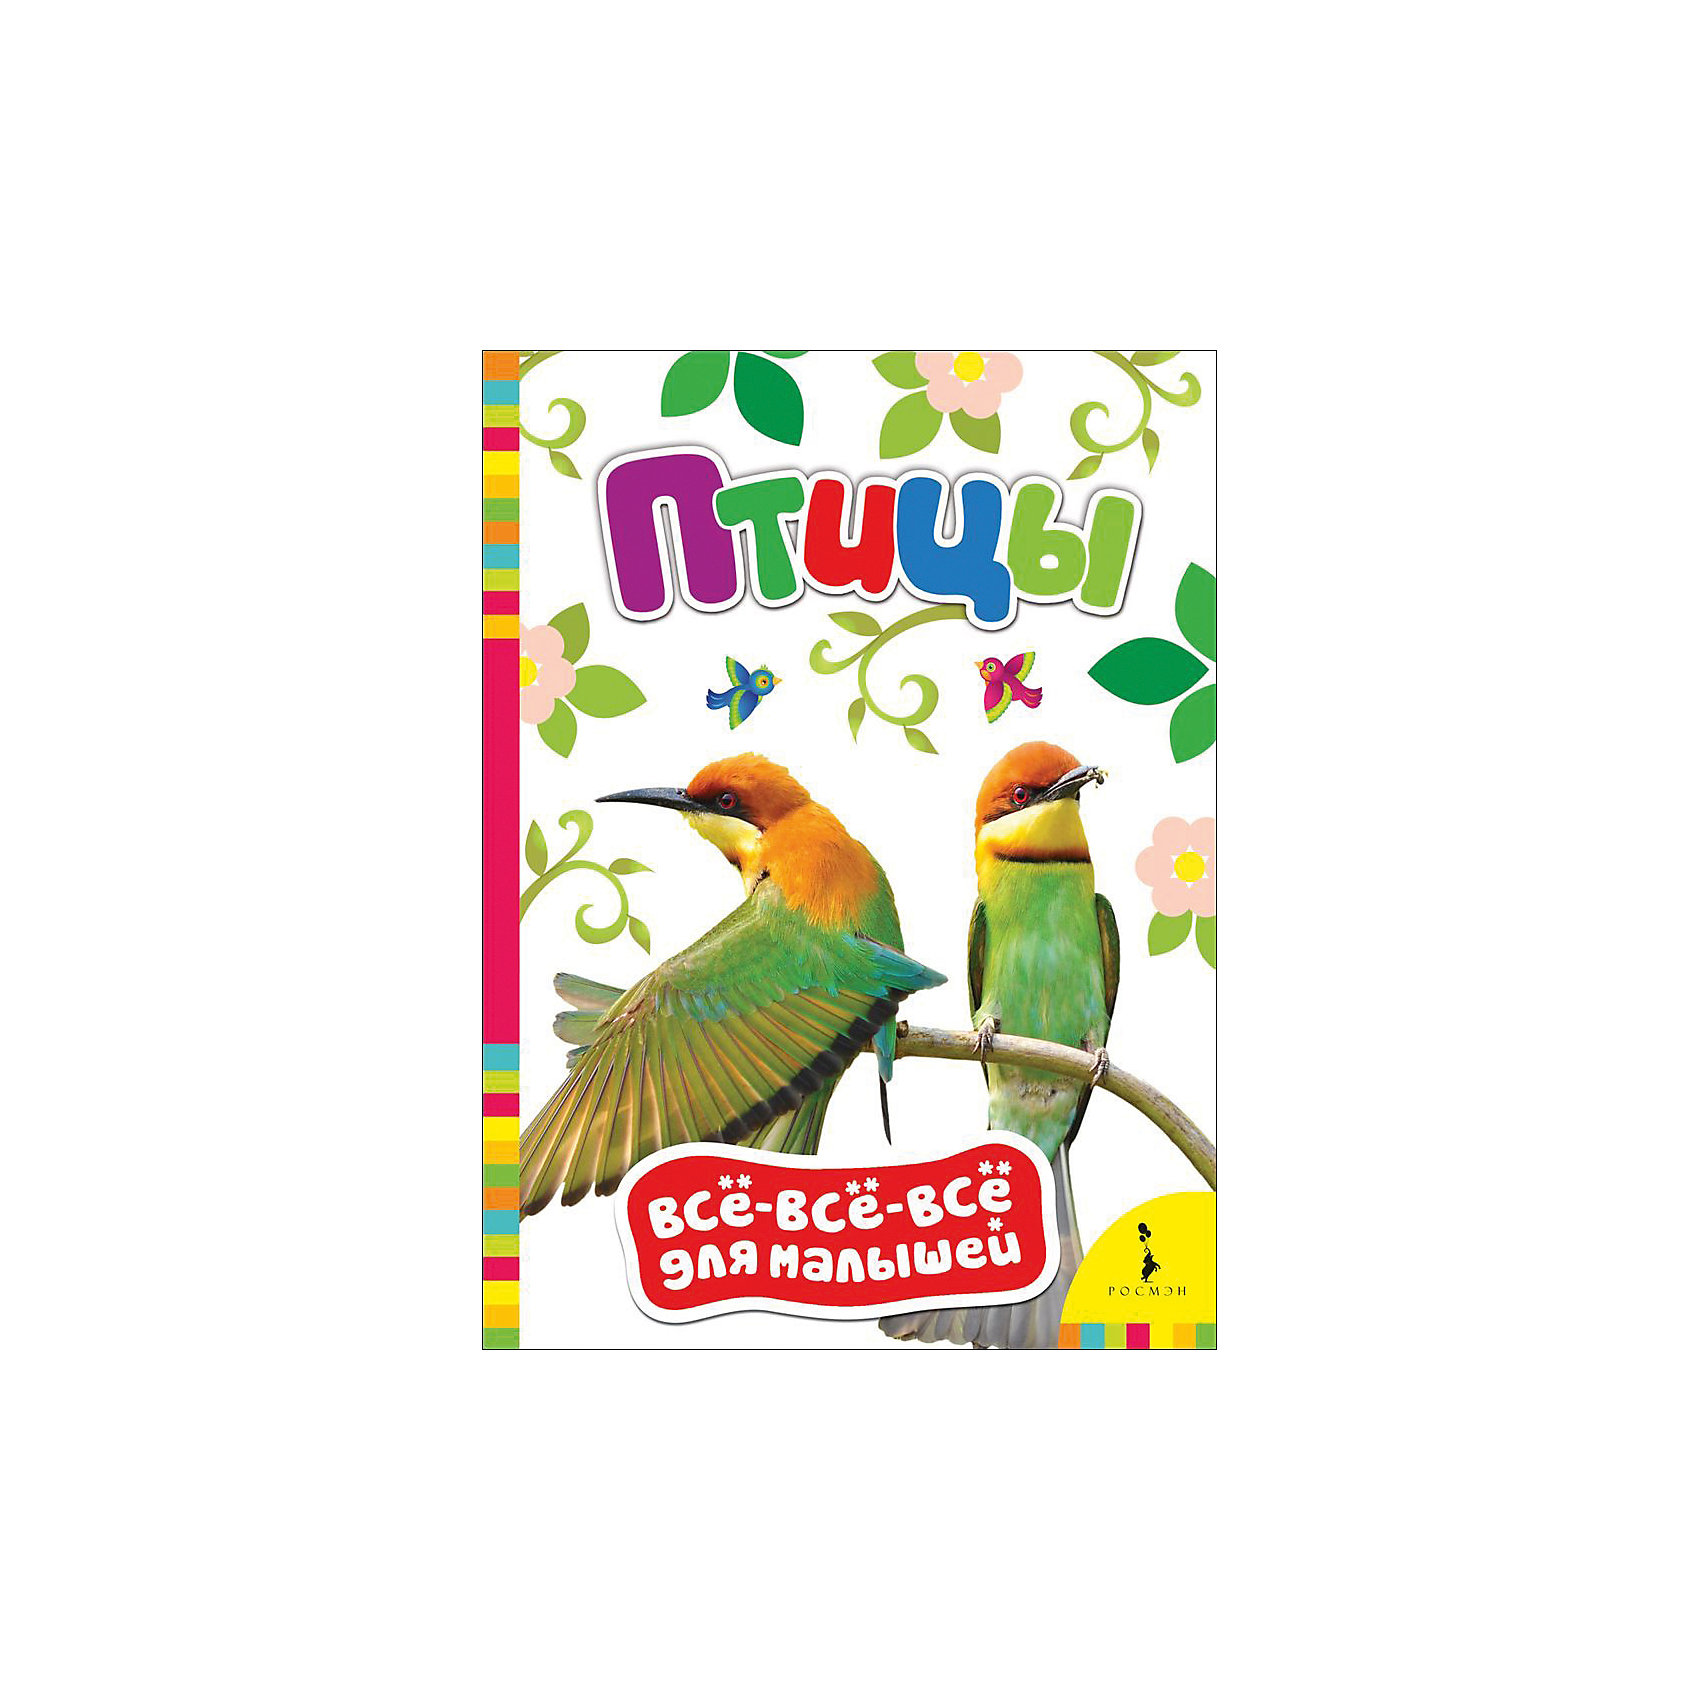 Птицы, Все-все-все для малышейХарактеристики товара:<br><br>- цвет: разноцветный;<br>- материал: бумага;<br>- страниц: 8;<br>- формат: 22 х 16 см;<br>- обложка: картон;<br>- цветные иллюстрации. <br><br>Эта полезная книга станет отличным подарком для родителей и ребенка. Она содержит в себе фотографии, а также интересные вопросы и задания, связанные с различными птицами. Отличный способ привить малышу любовь к занятиям и начать обучение!<br>Чтение и рассматривание картинок даже в юном возрасте помогает ребенку развивать память, концентрацию внимания и воображение. Издание произведено из качественных материалов, которые безопасны даже для самых маленьких.<br><br>Издание Птицы, Все-все-все для малышей от компании Росмэн можно купить в нашем интернет-магазине.<br><br>Ширина мм: 220<br>Глубина мм: 160<br>Высота мм: 5<br>Вес г: 111<br>Возраст от месяцев: 0<br>Возраст до месяцев: 36<br>Пол: Унисекс<br>Возраст: Детский<br>SKU: 5110070